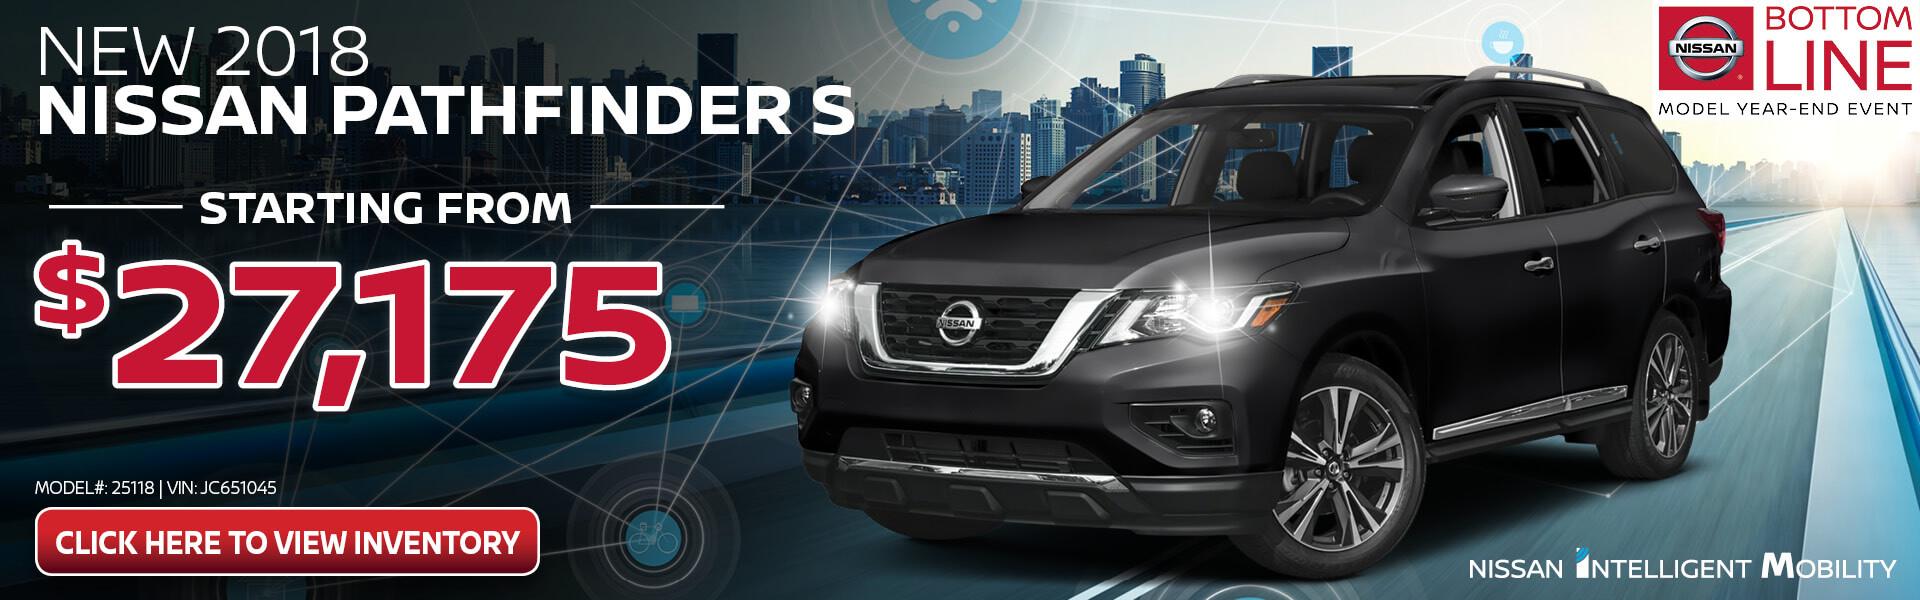 Nissan Pathfinder $27,175 Purchase